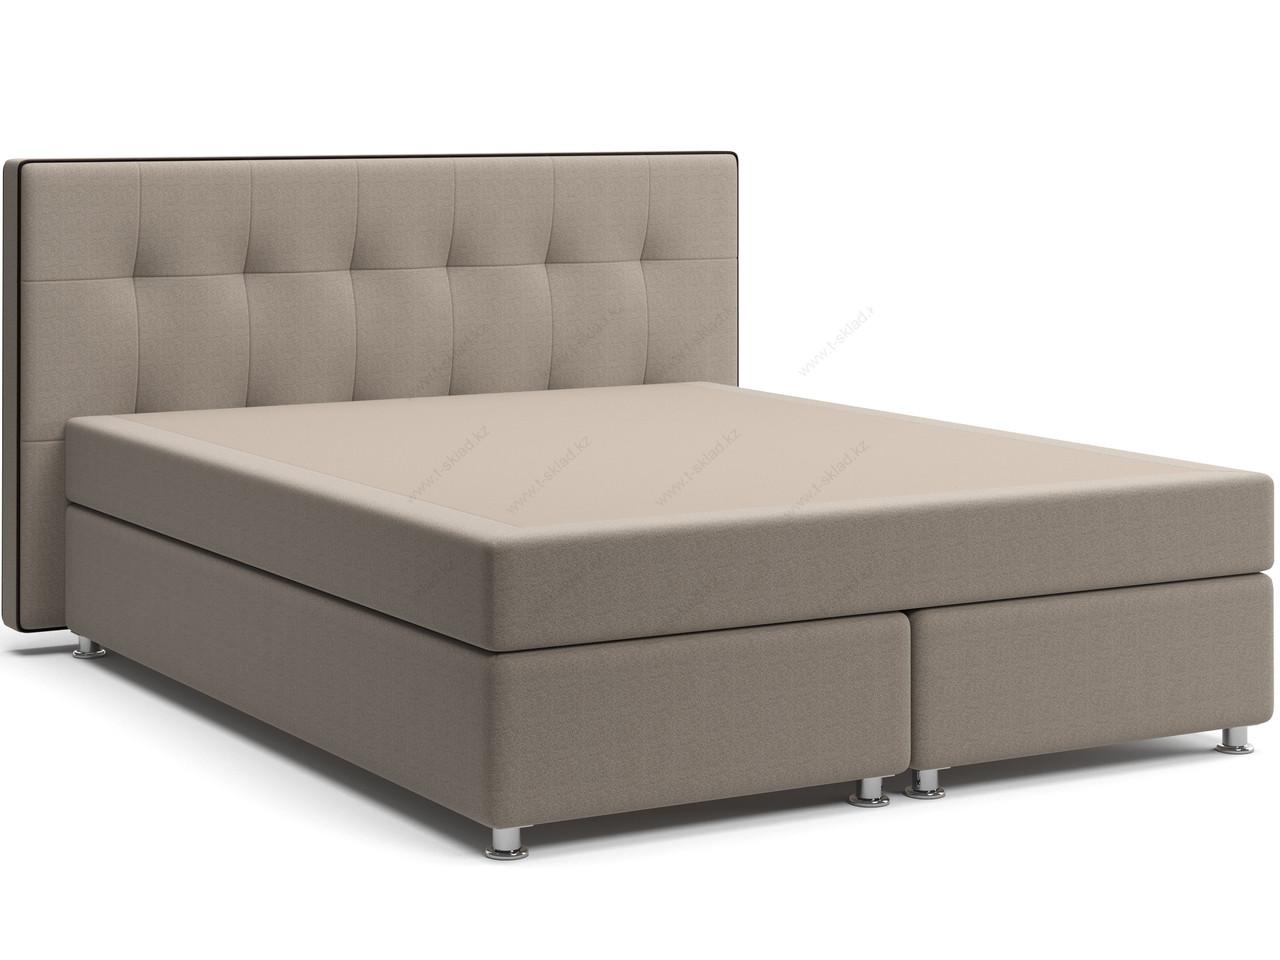 Кровать с матрасом на зависимых пружинах Нелли Spring Box